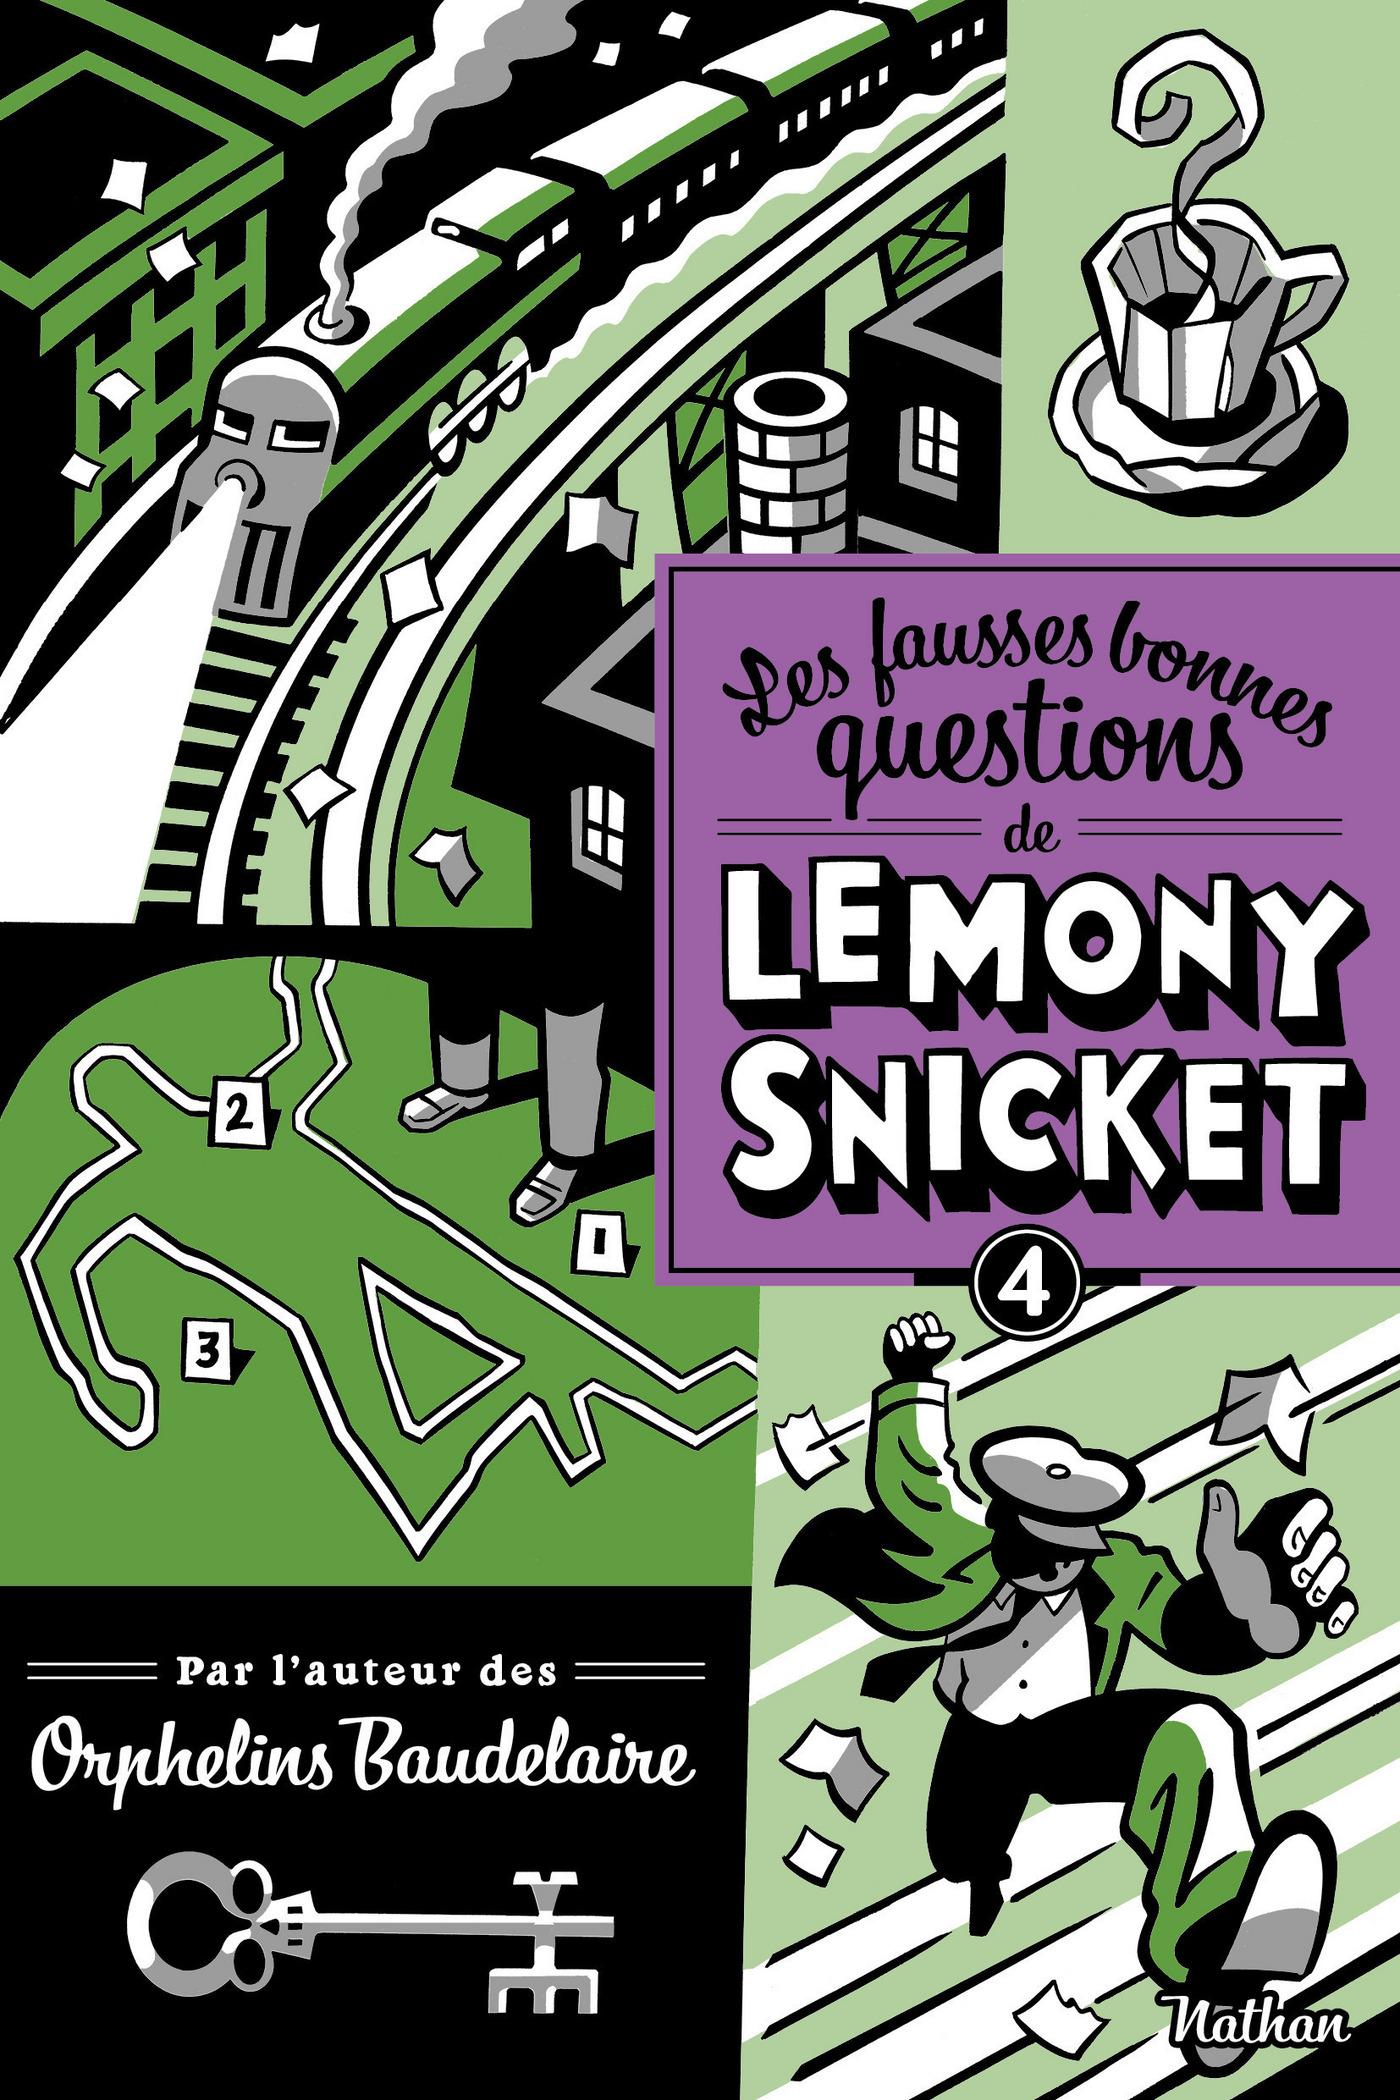 Les fausses bonnes questions de Lemony Snicket (ebook)